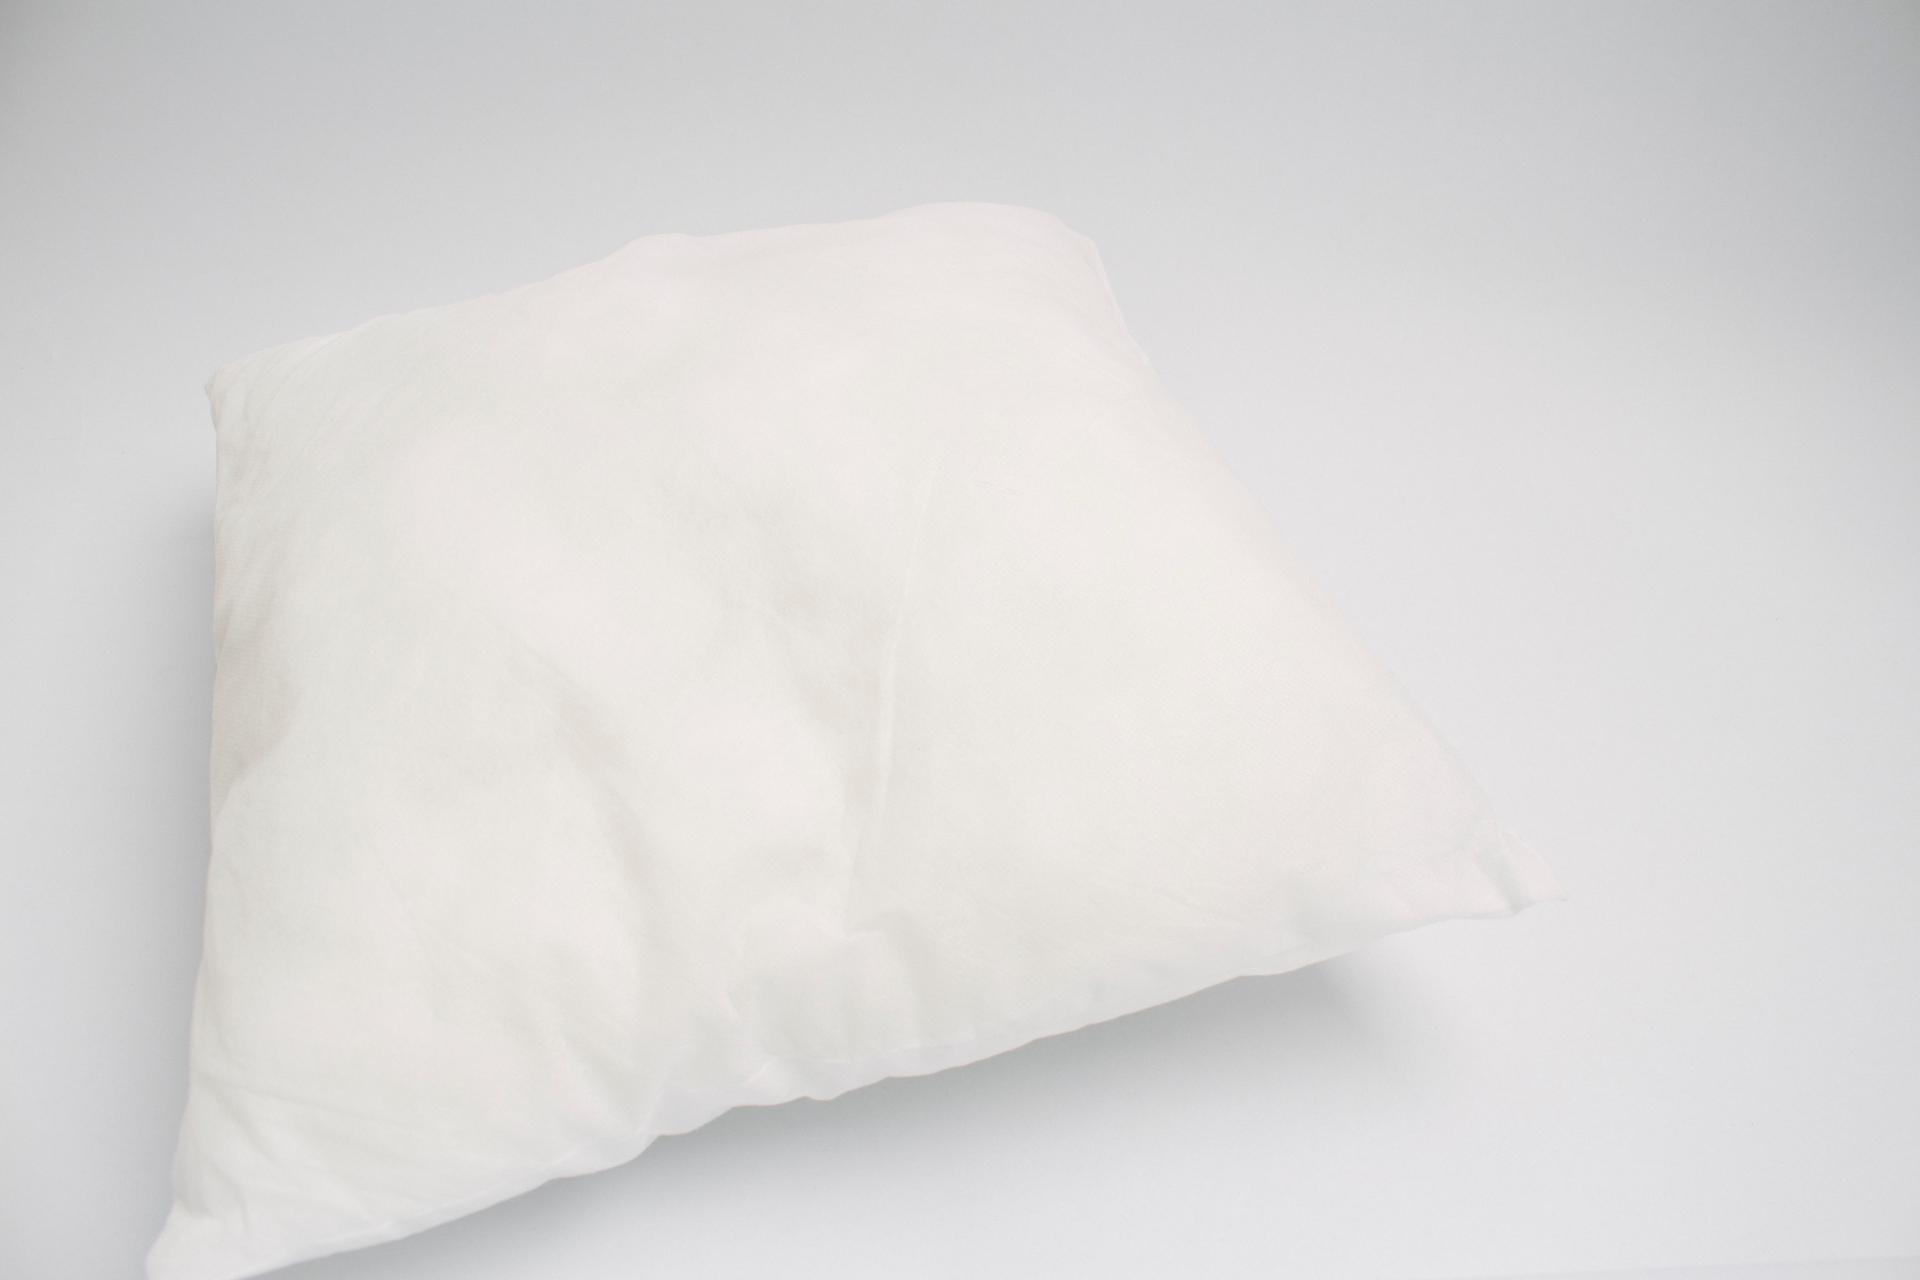 安眠枕のおすすめ10選!通気性が良いタイプも